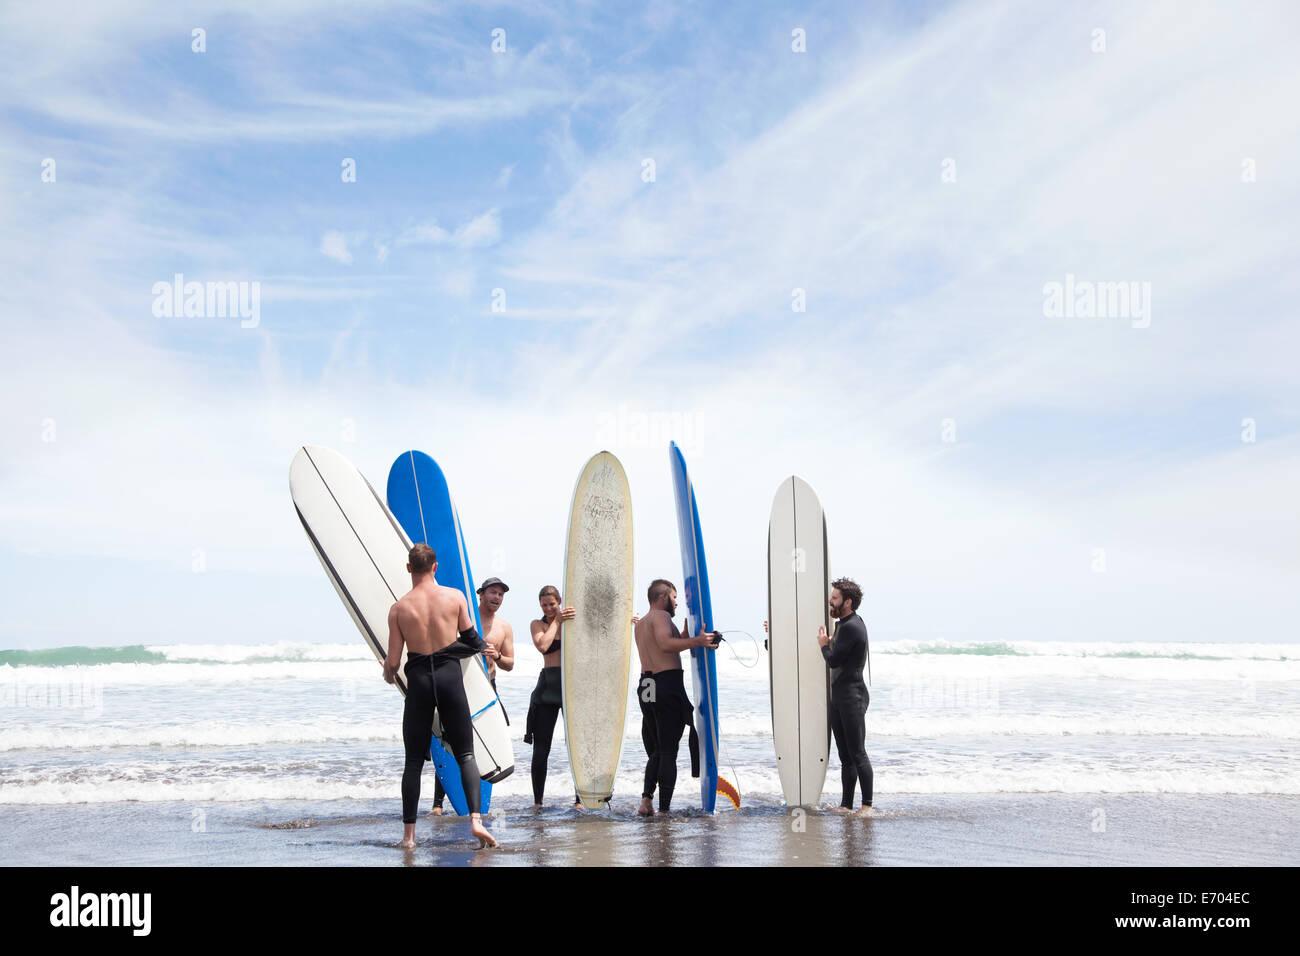 Gruppe von männlichen und weiblichen Surfer Freunden am Strand mit Surfbrettern stehend Stockbild